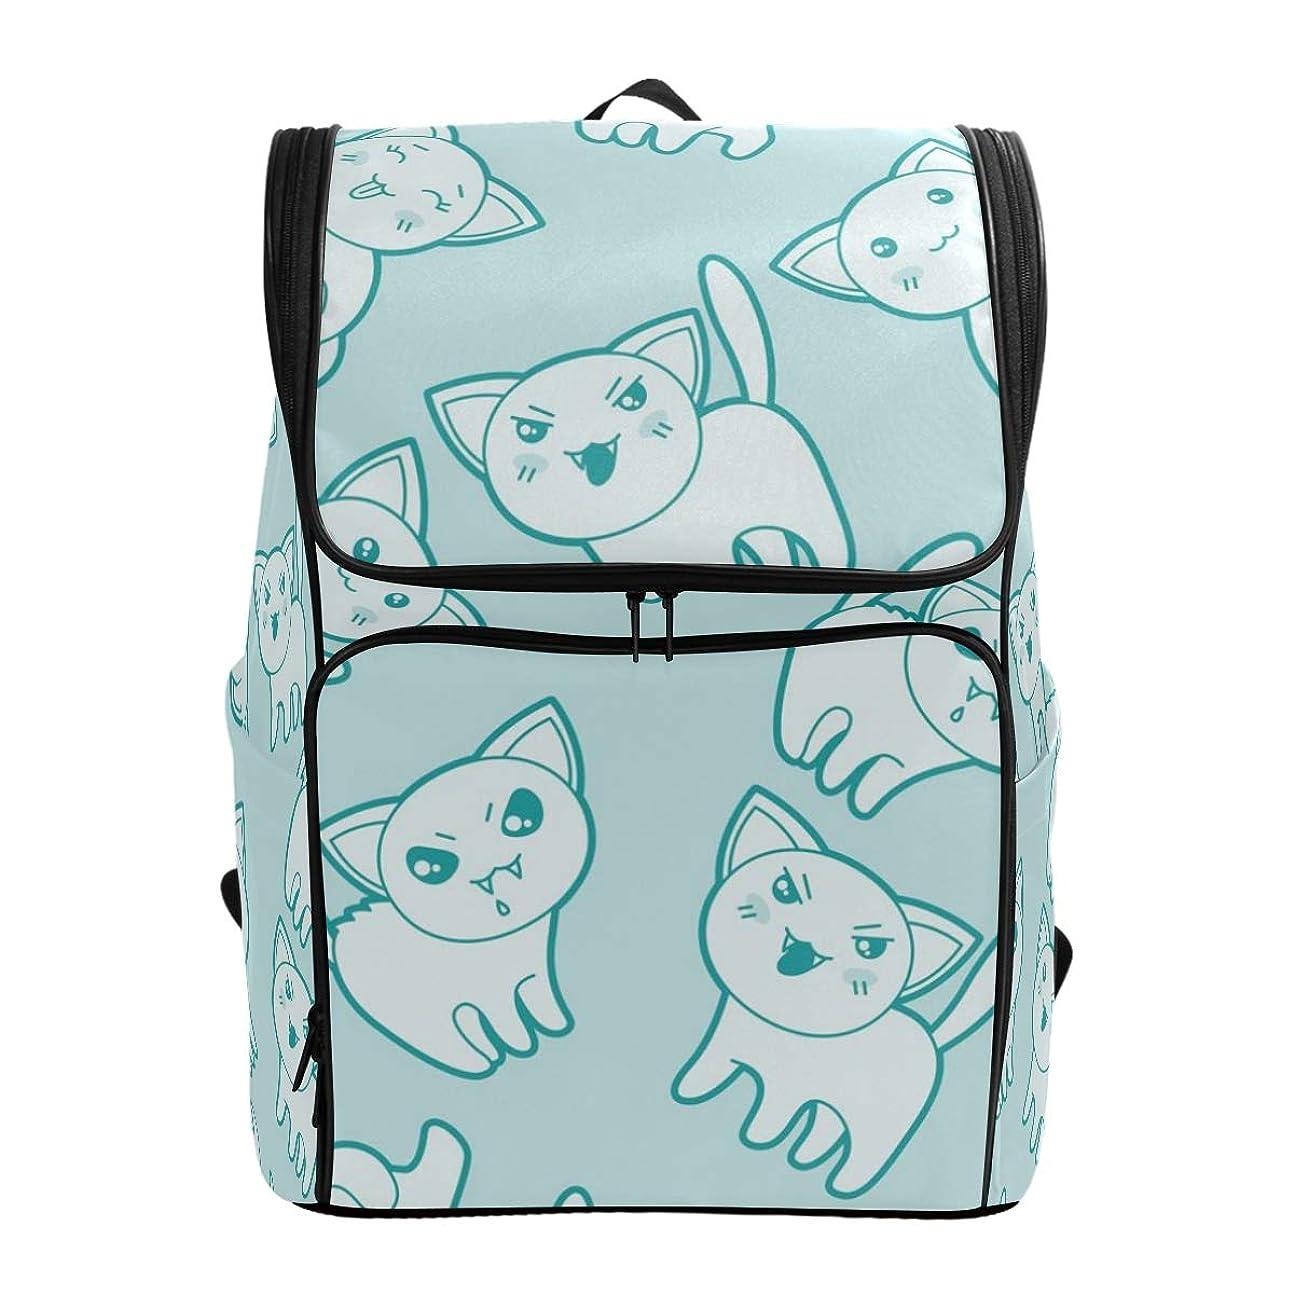 救急車電卓ナイロンマキク(MAKIKU) リュック 大容量 可愛い 猫モチーフ ブルー リュックサック 軽量 メンズ 登山 通学 通勤 旅行 プレゼント対応